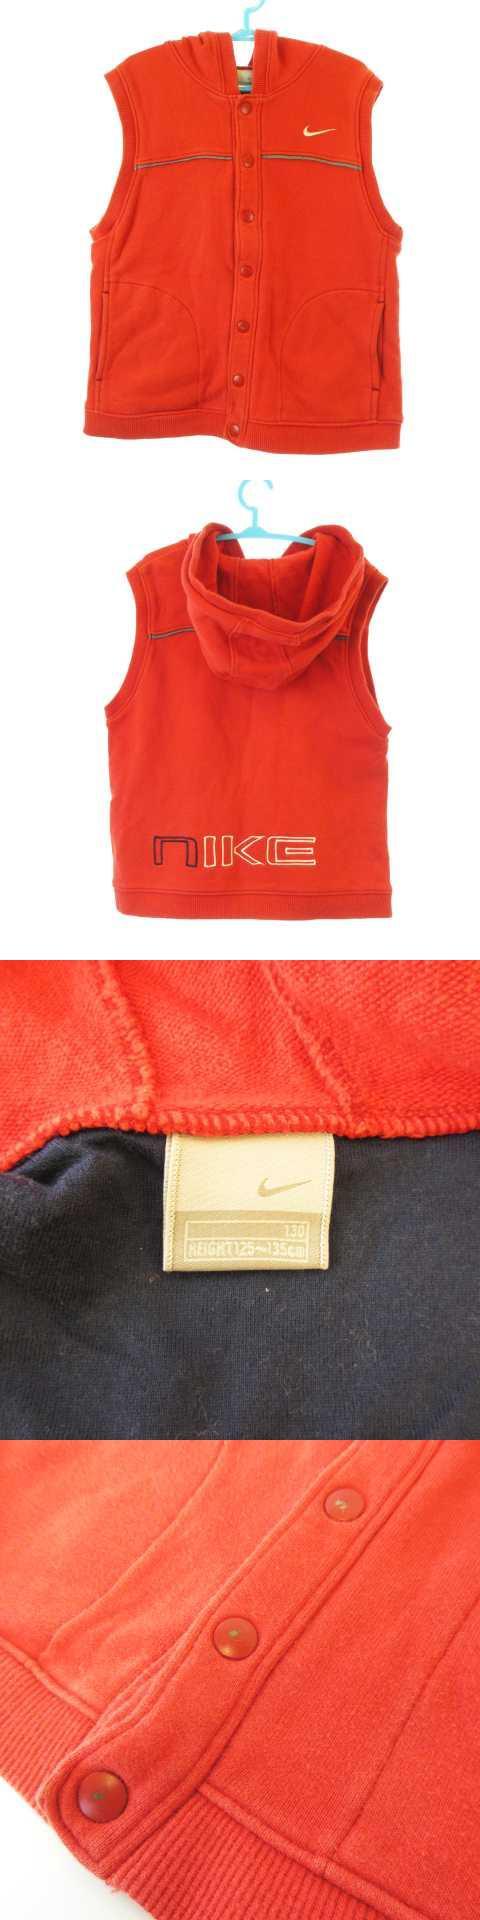 キッズ ベスト フーディ スウェット パーカー スナップボタン 綿100% ノースリーブ レッド 赤 130 AS1122